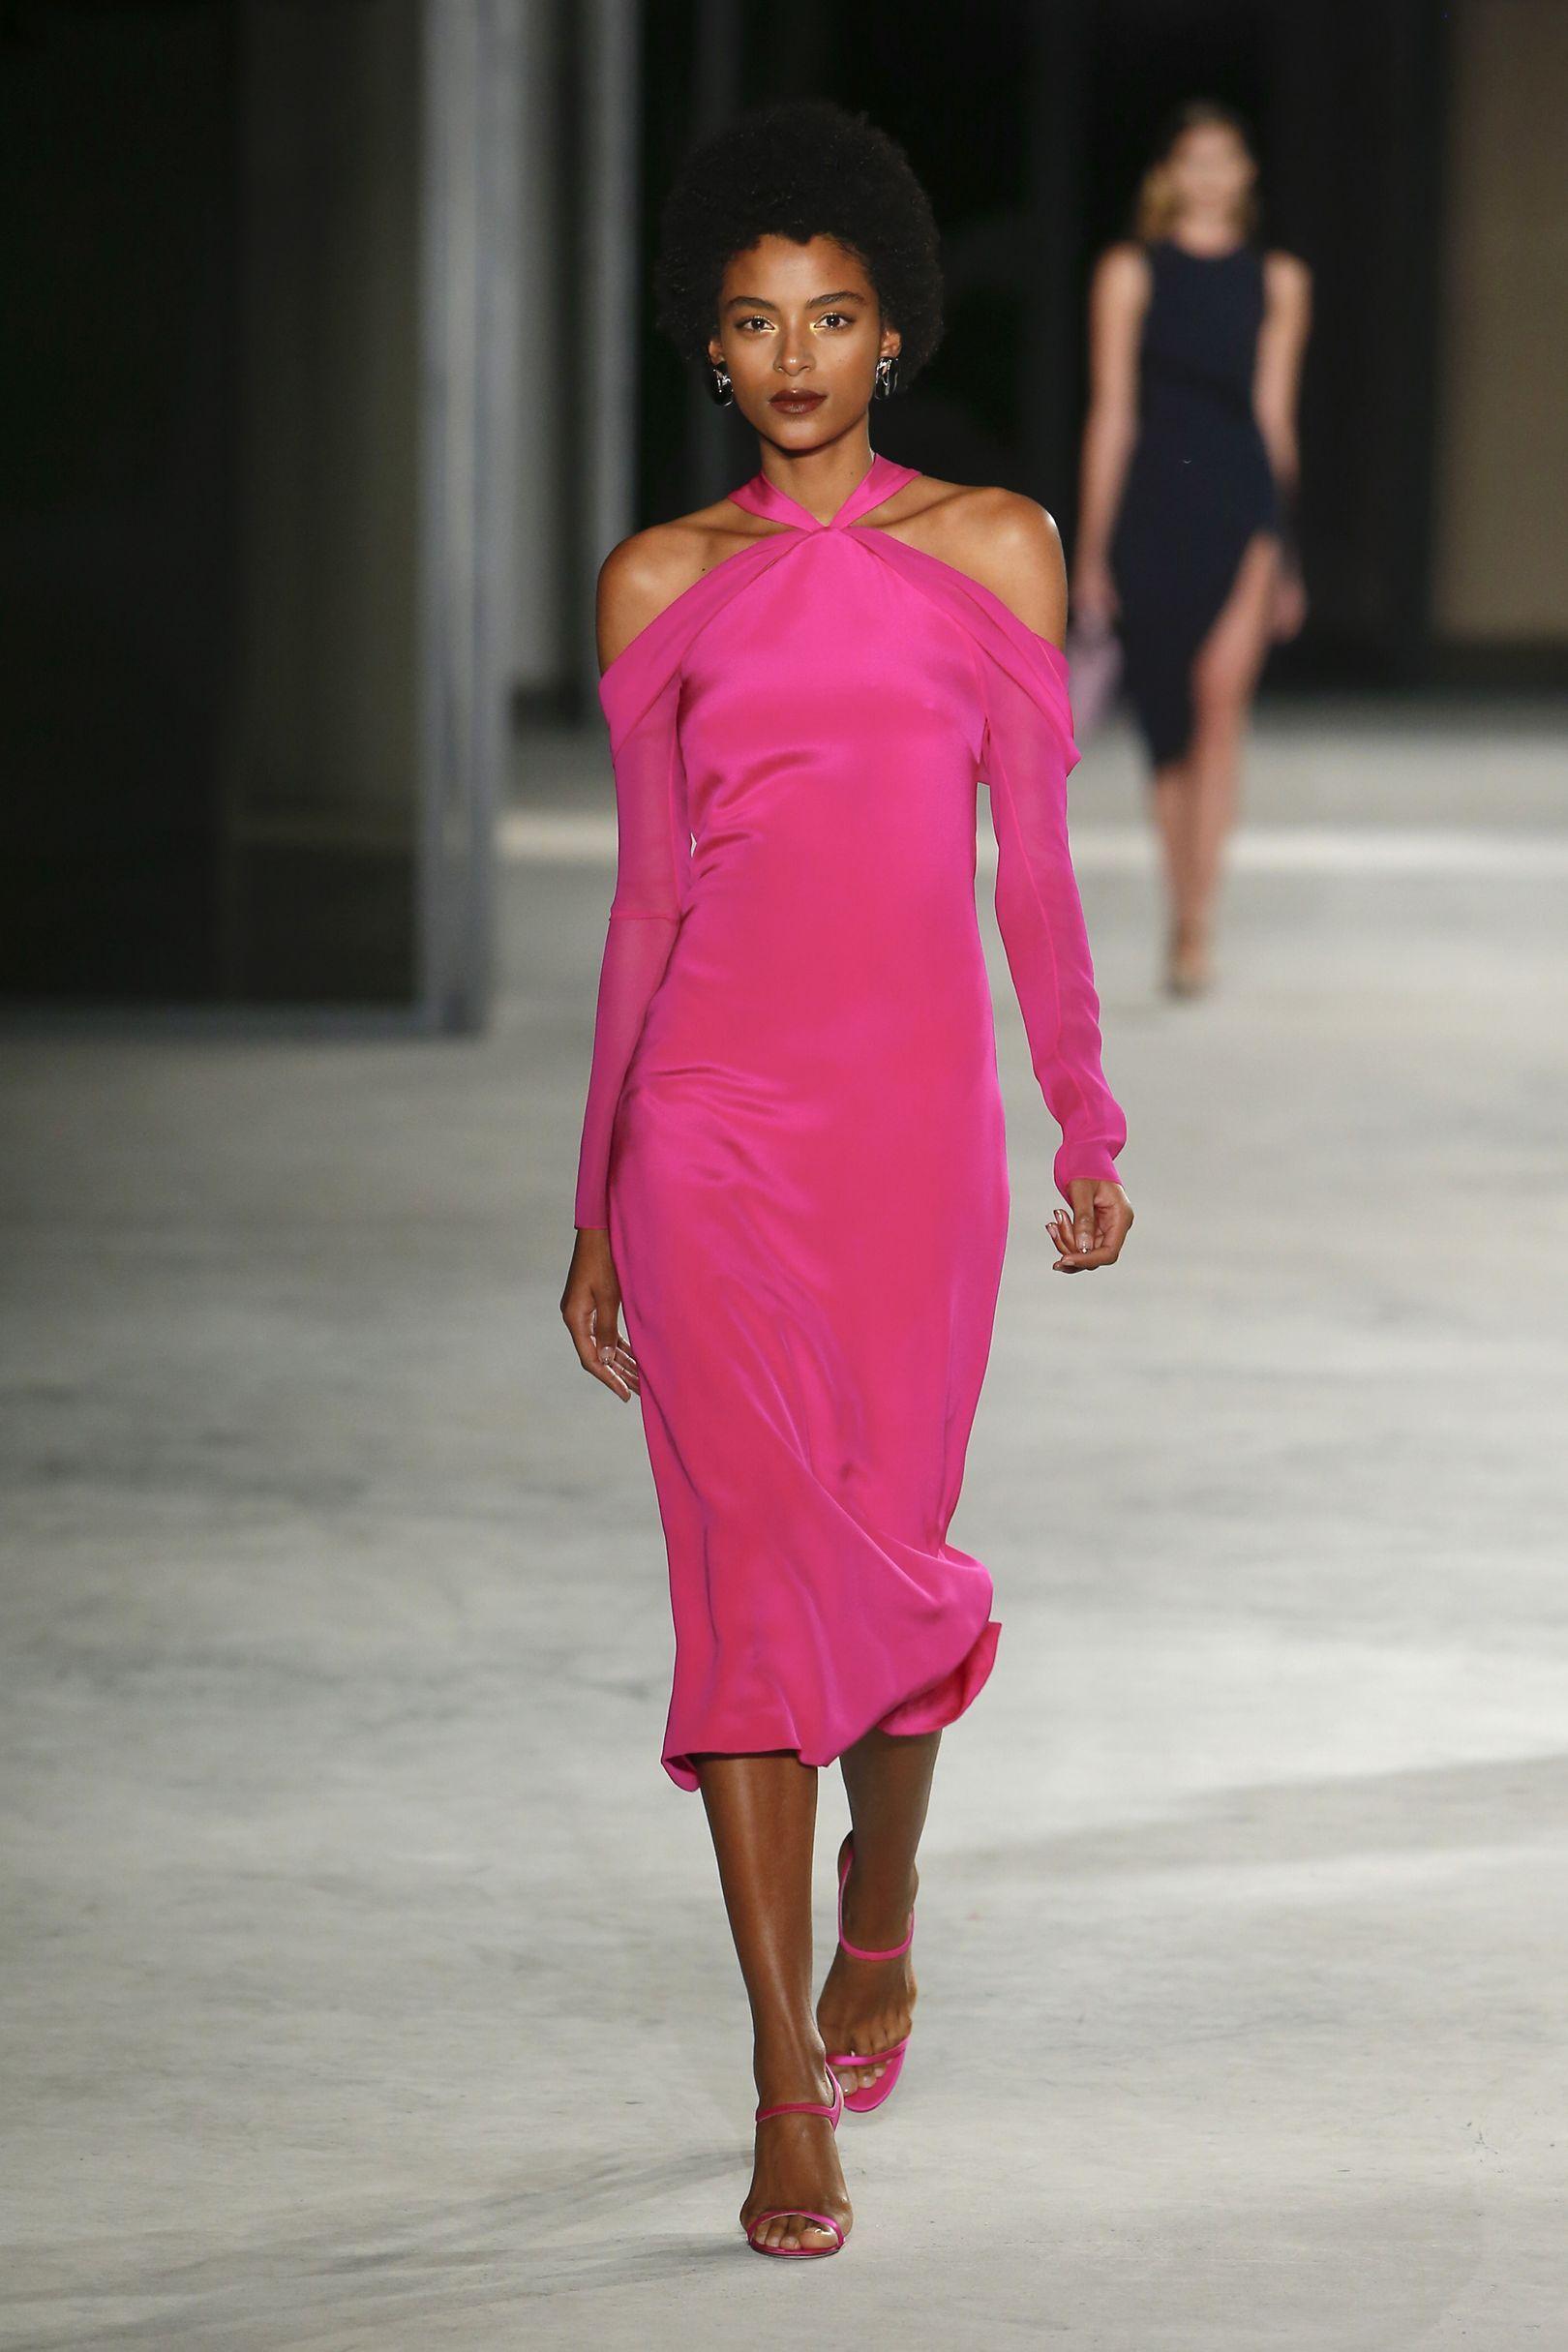 Pink dress design 2018  Cushnie et Ochs AutumnWinter  Ready To Wear  Autumn Winter